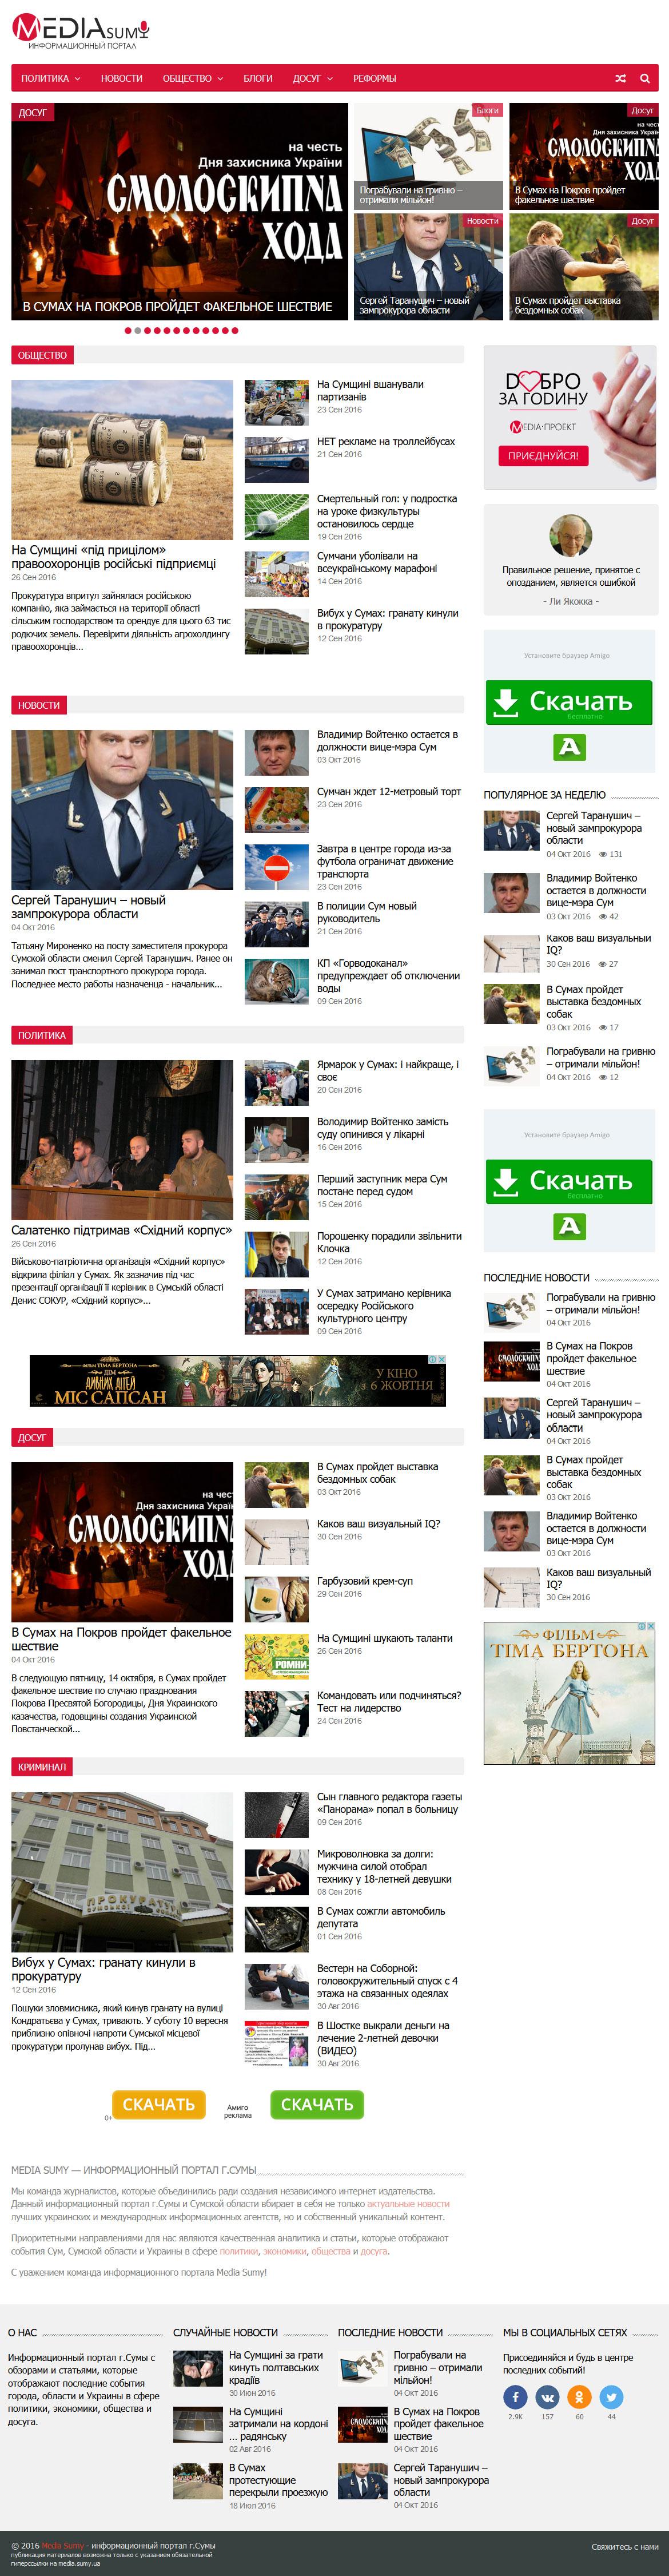 MediaSumy: дизайн сайта